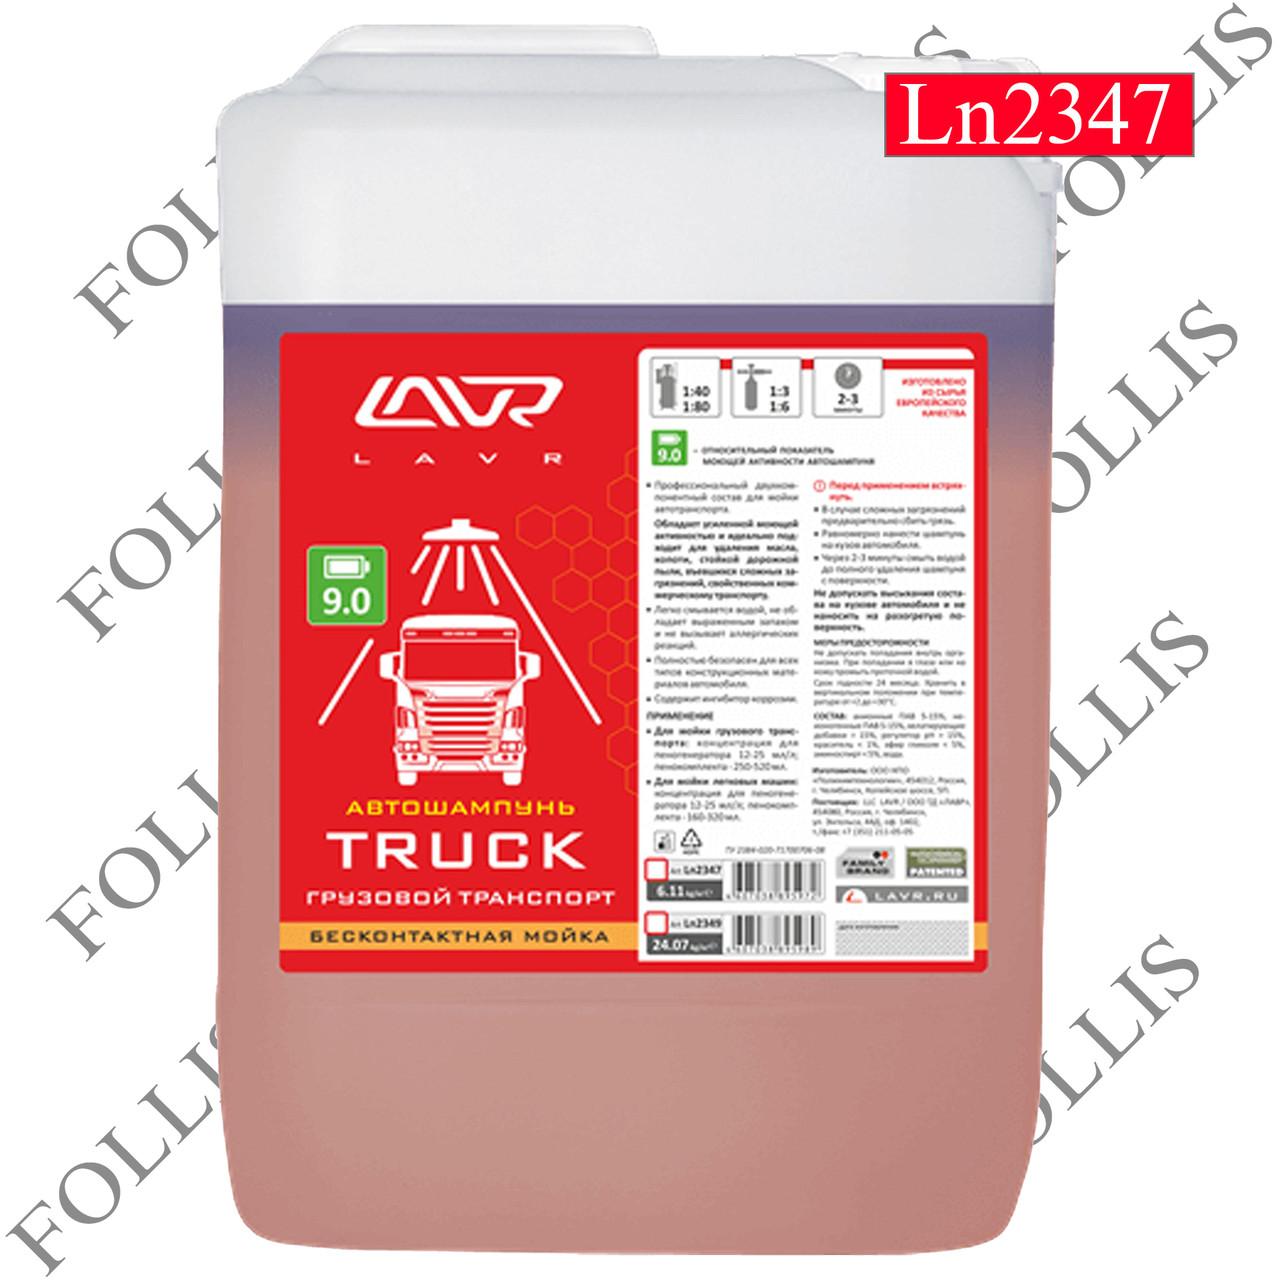 """Автошампунь для бесконтактной мойки """"TRUCK"""" для грузового транспорта 9.0 (1:70-100) Auto Shampoo TRU"""